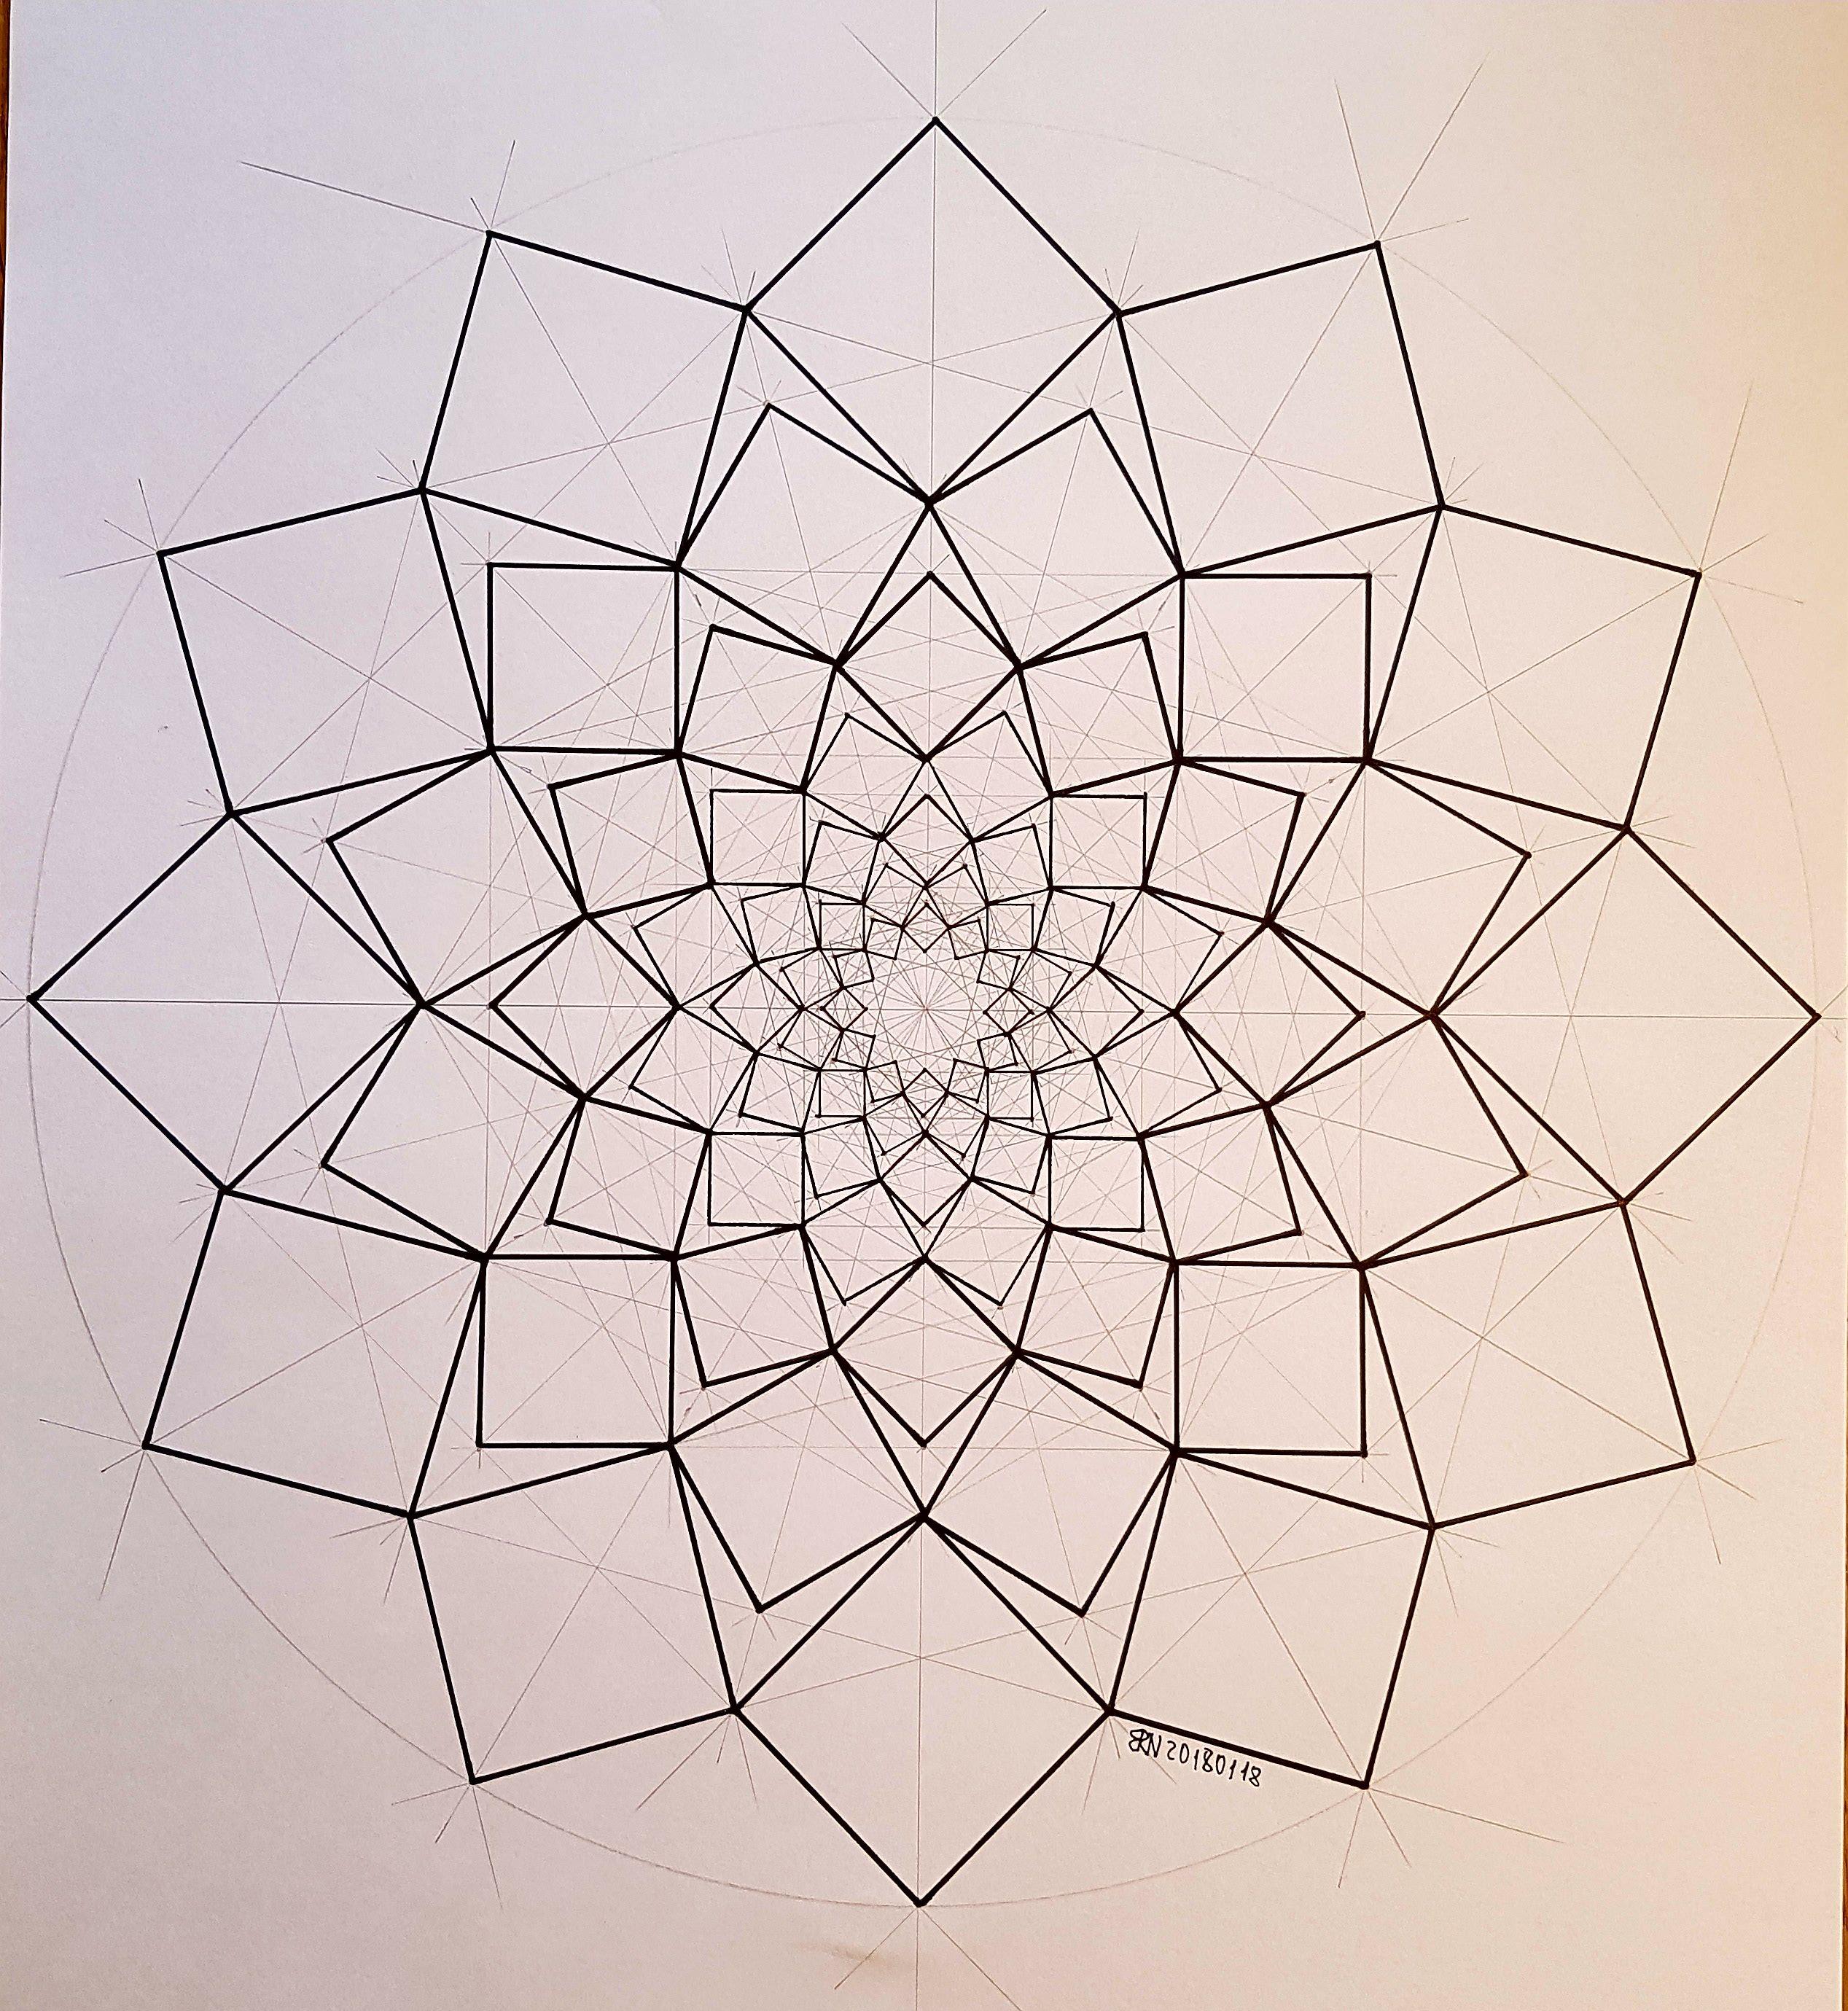 Geometry Symmetry Fractal Square Circle Disk Mathart Regolo54 Progession Evolution Sacred Geometry Art Geometry Art Geometric Drawing